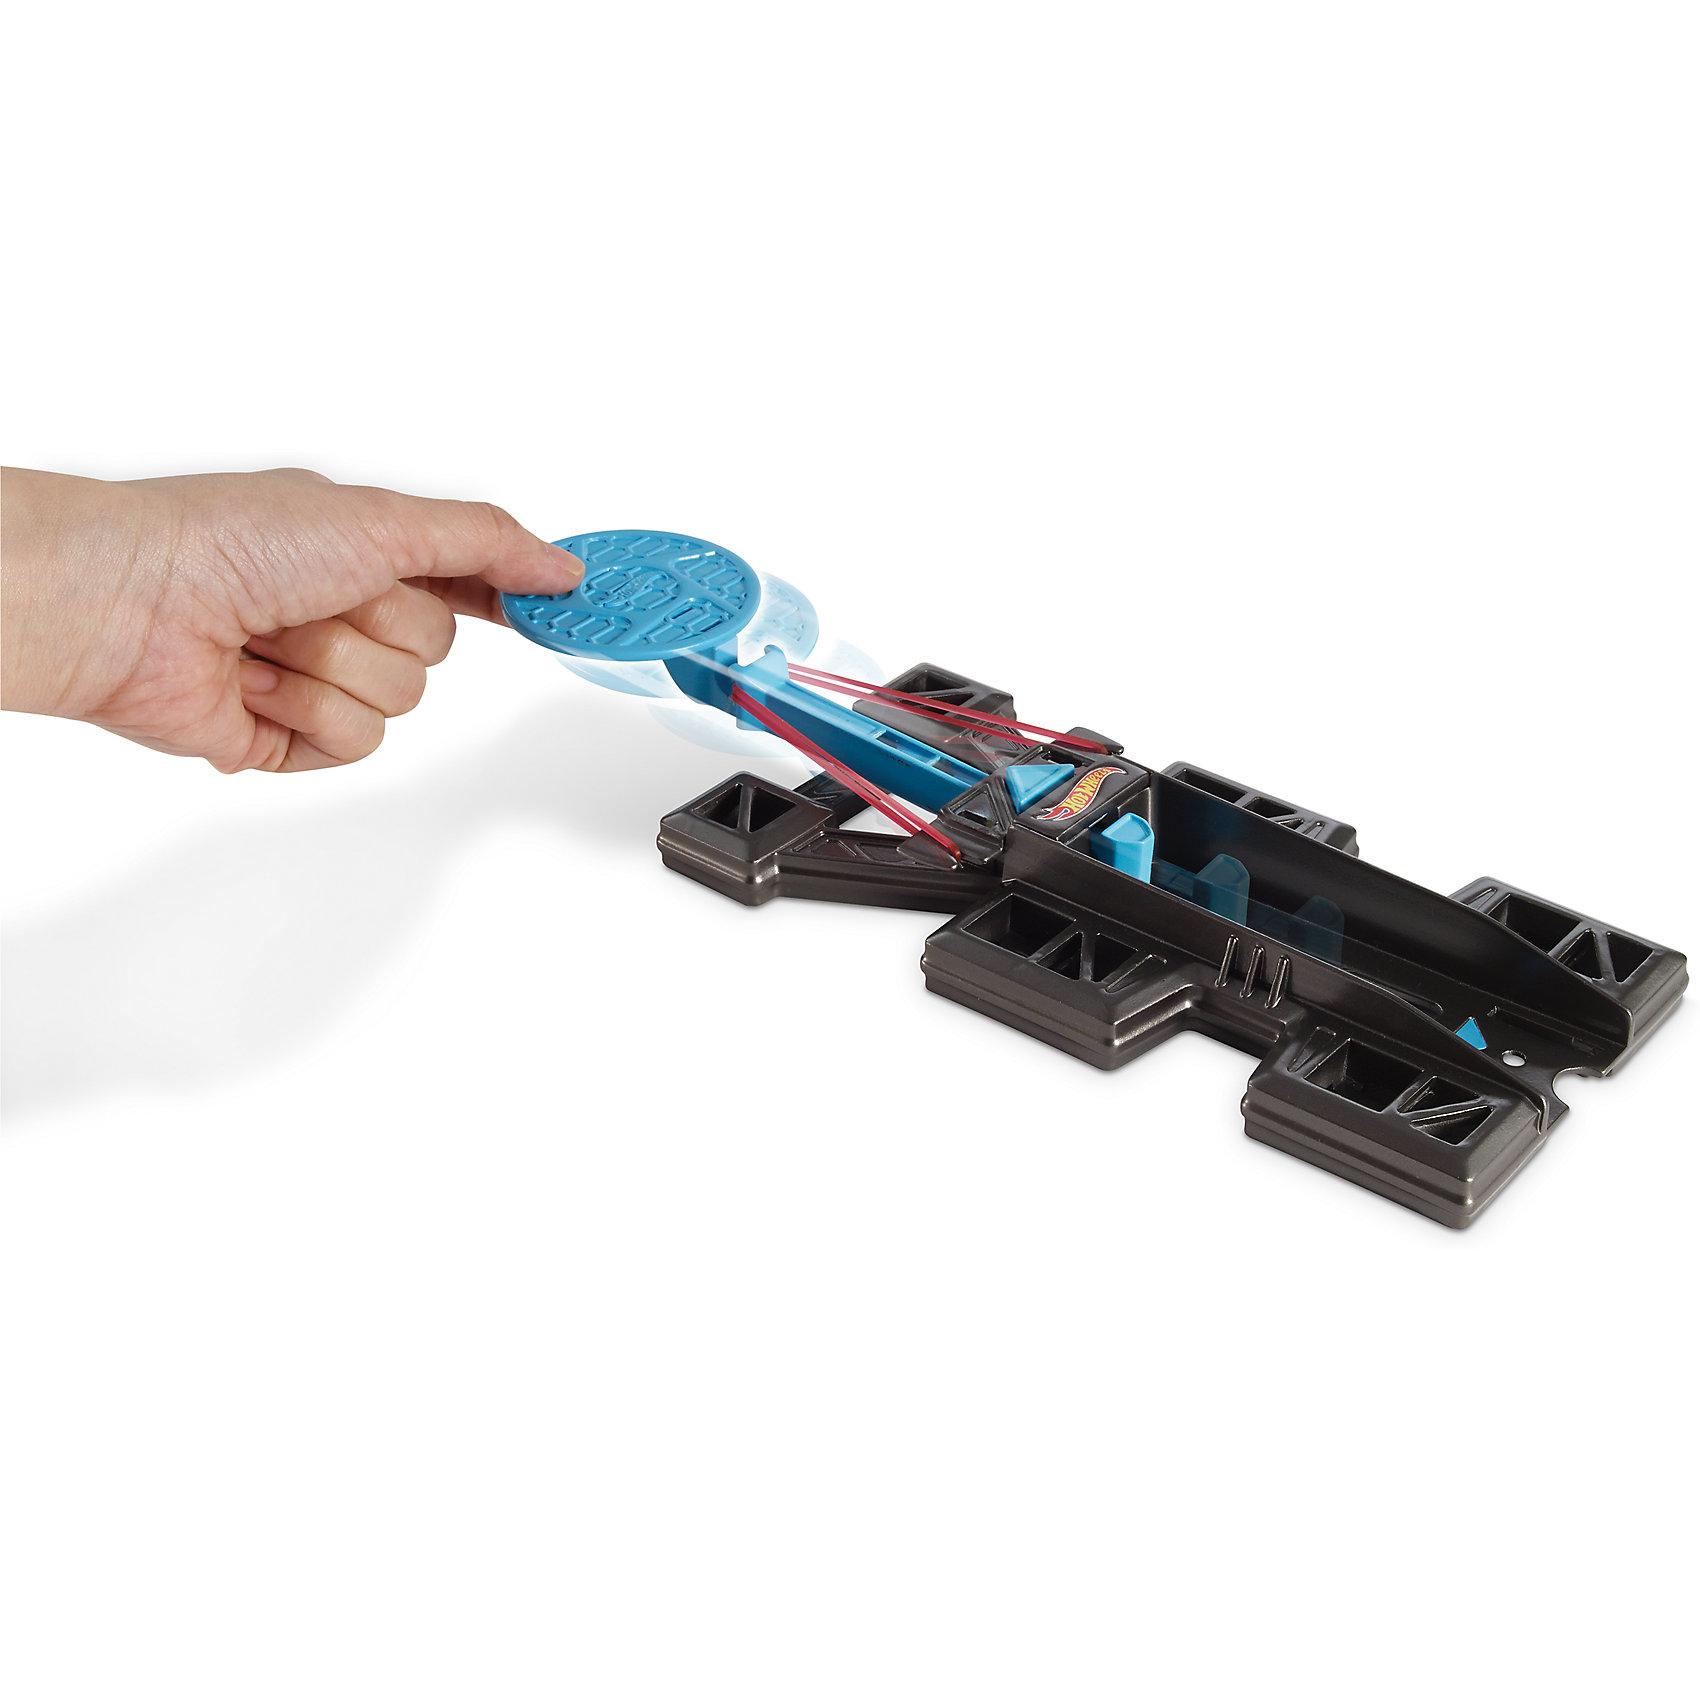 Набор дополнительных блоков для конструктора трасс Hot WheelsИгровые наборы<br>Характеристики:<br><br>• Вид игр: сюжетно-ролевые<br>• Предназначение: для дома<br>• Серия: Track Builder <br>• Пол: для мальчиков<br>• Материал: пластик<br>• Цвет: синий, черный<br>• Размеры упаковки (Д*Ш*В): 27*16*6 см<br>• Вес:  60 г <br>• Особенности ухода: разрешается мыть водой<br>• Упаковка: пакет из фольгированного пластика<br><br>Набор дополнительных блоков для конструктора трасс Hot Wheels – это элементы конструирования гоночных трасс, расширяющие базовые наборы Hot Wheels. Дополнительные блоки выполнены из прочного пластика, устойчивого к повреждениям и царапинам, элементы окрашены безопасной краской. Деталь Launch It – это универсальный пусковой механизм для трассы, который запускается при контакте с машинком или с другими объектами. <br>Набор дополнительных блоков для конструктора трасс Hot Wheels позволит создать самые крутые виражи на трассах Hot Wheels!<br><br>Набор дополнительных блоков для конструктора трасс Hot Wheels можно купить в нашем магазине.<br><br>Ширина мм: 178<br>Глубина мм: 51<br>Высота мм: 279<br>Вес г: 133<br>Возраст от месяцев: 48<br>Возраст до месяцев: 84<br>Пол: Мужской<br>Возраст: Детский<br>SKU: 5224260